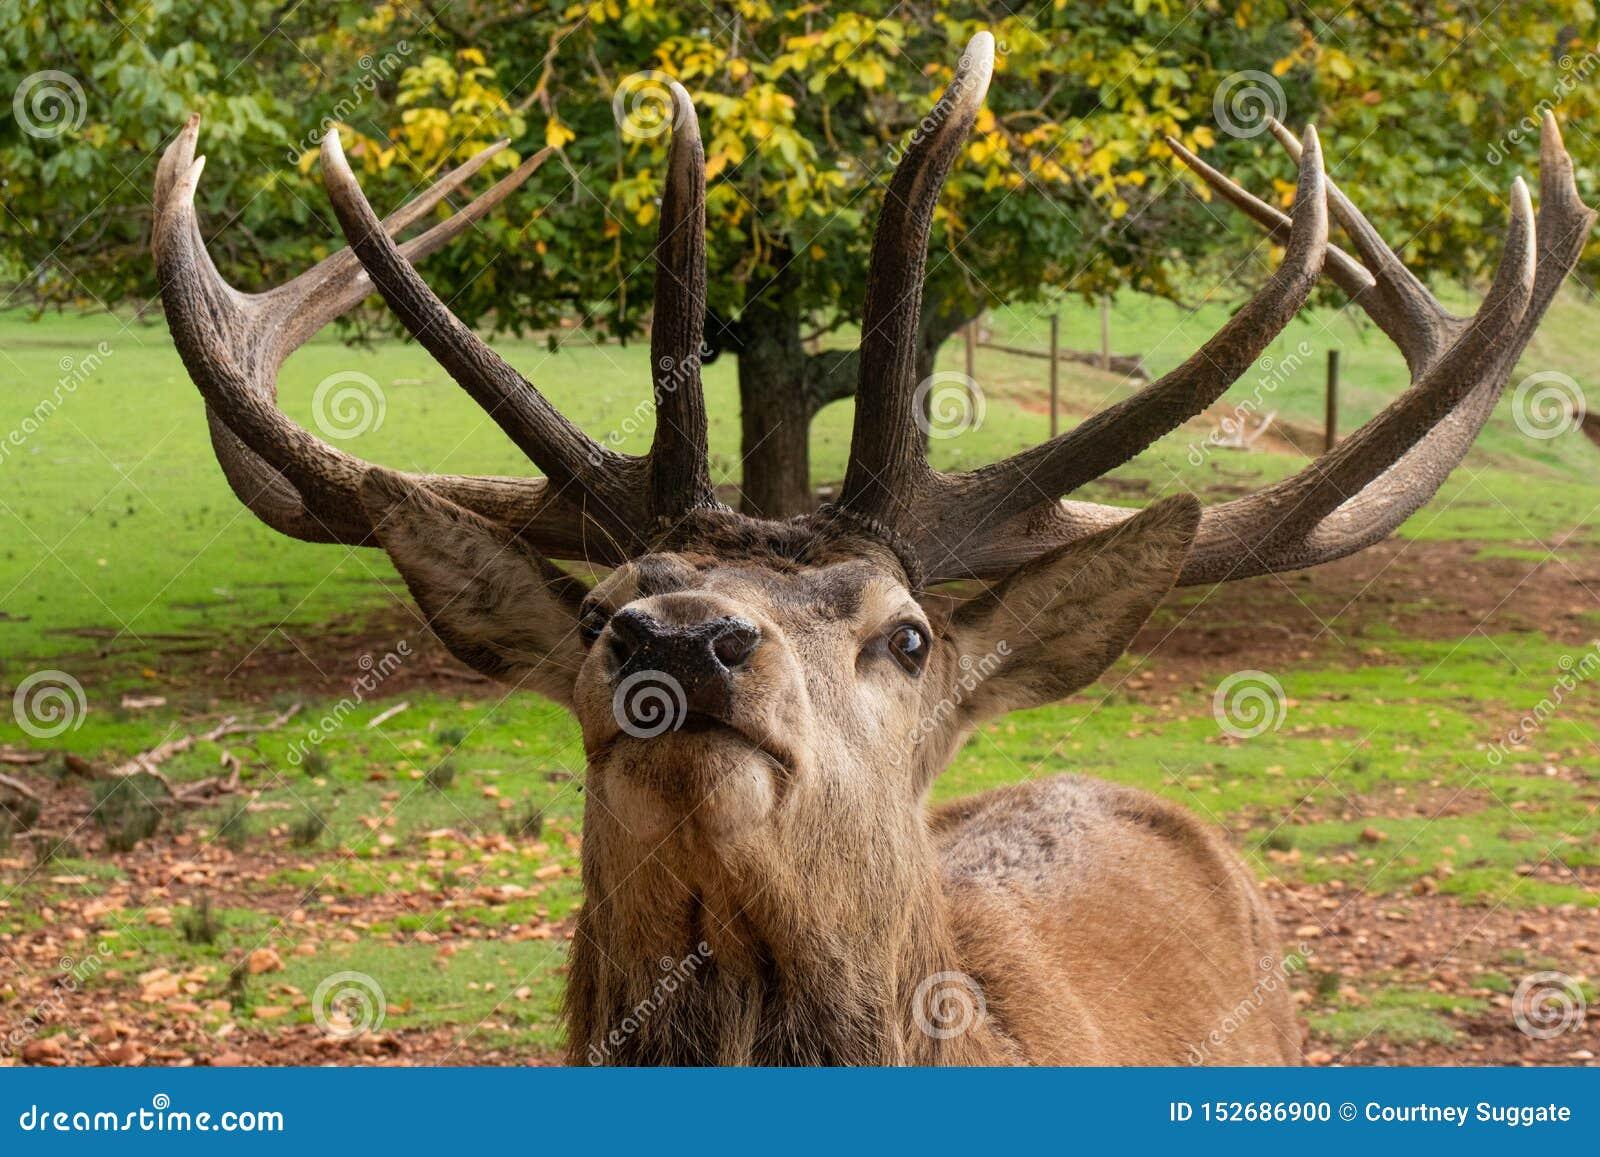 Vorderes Profil des Hirsches große Hörner anzeigend